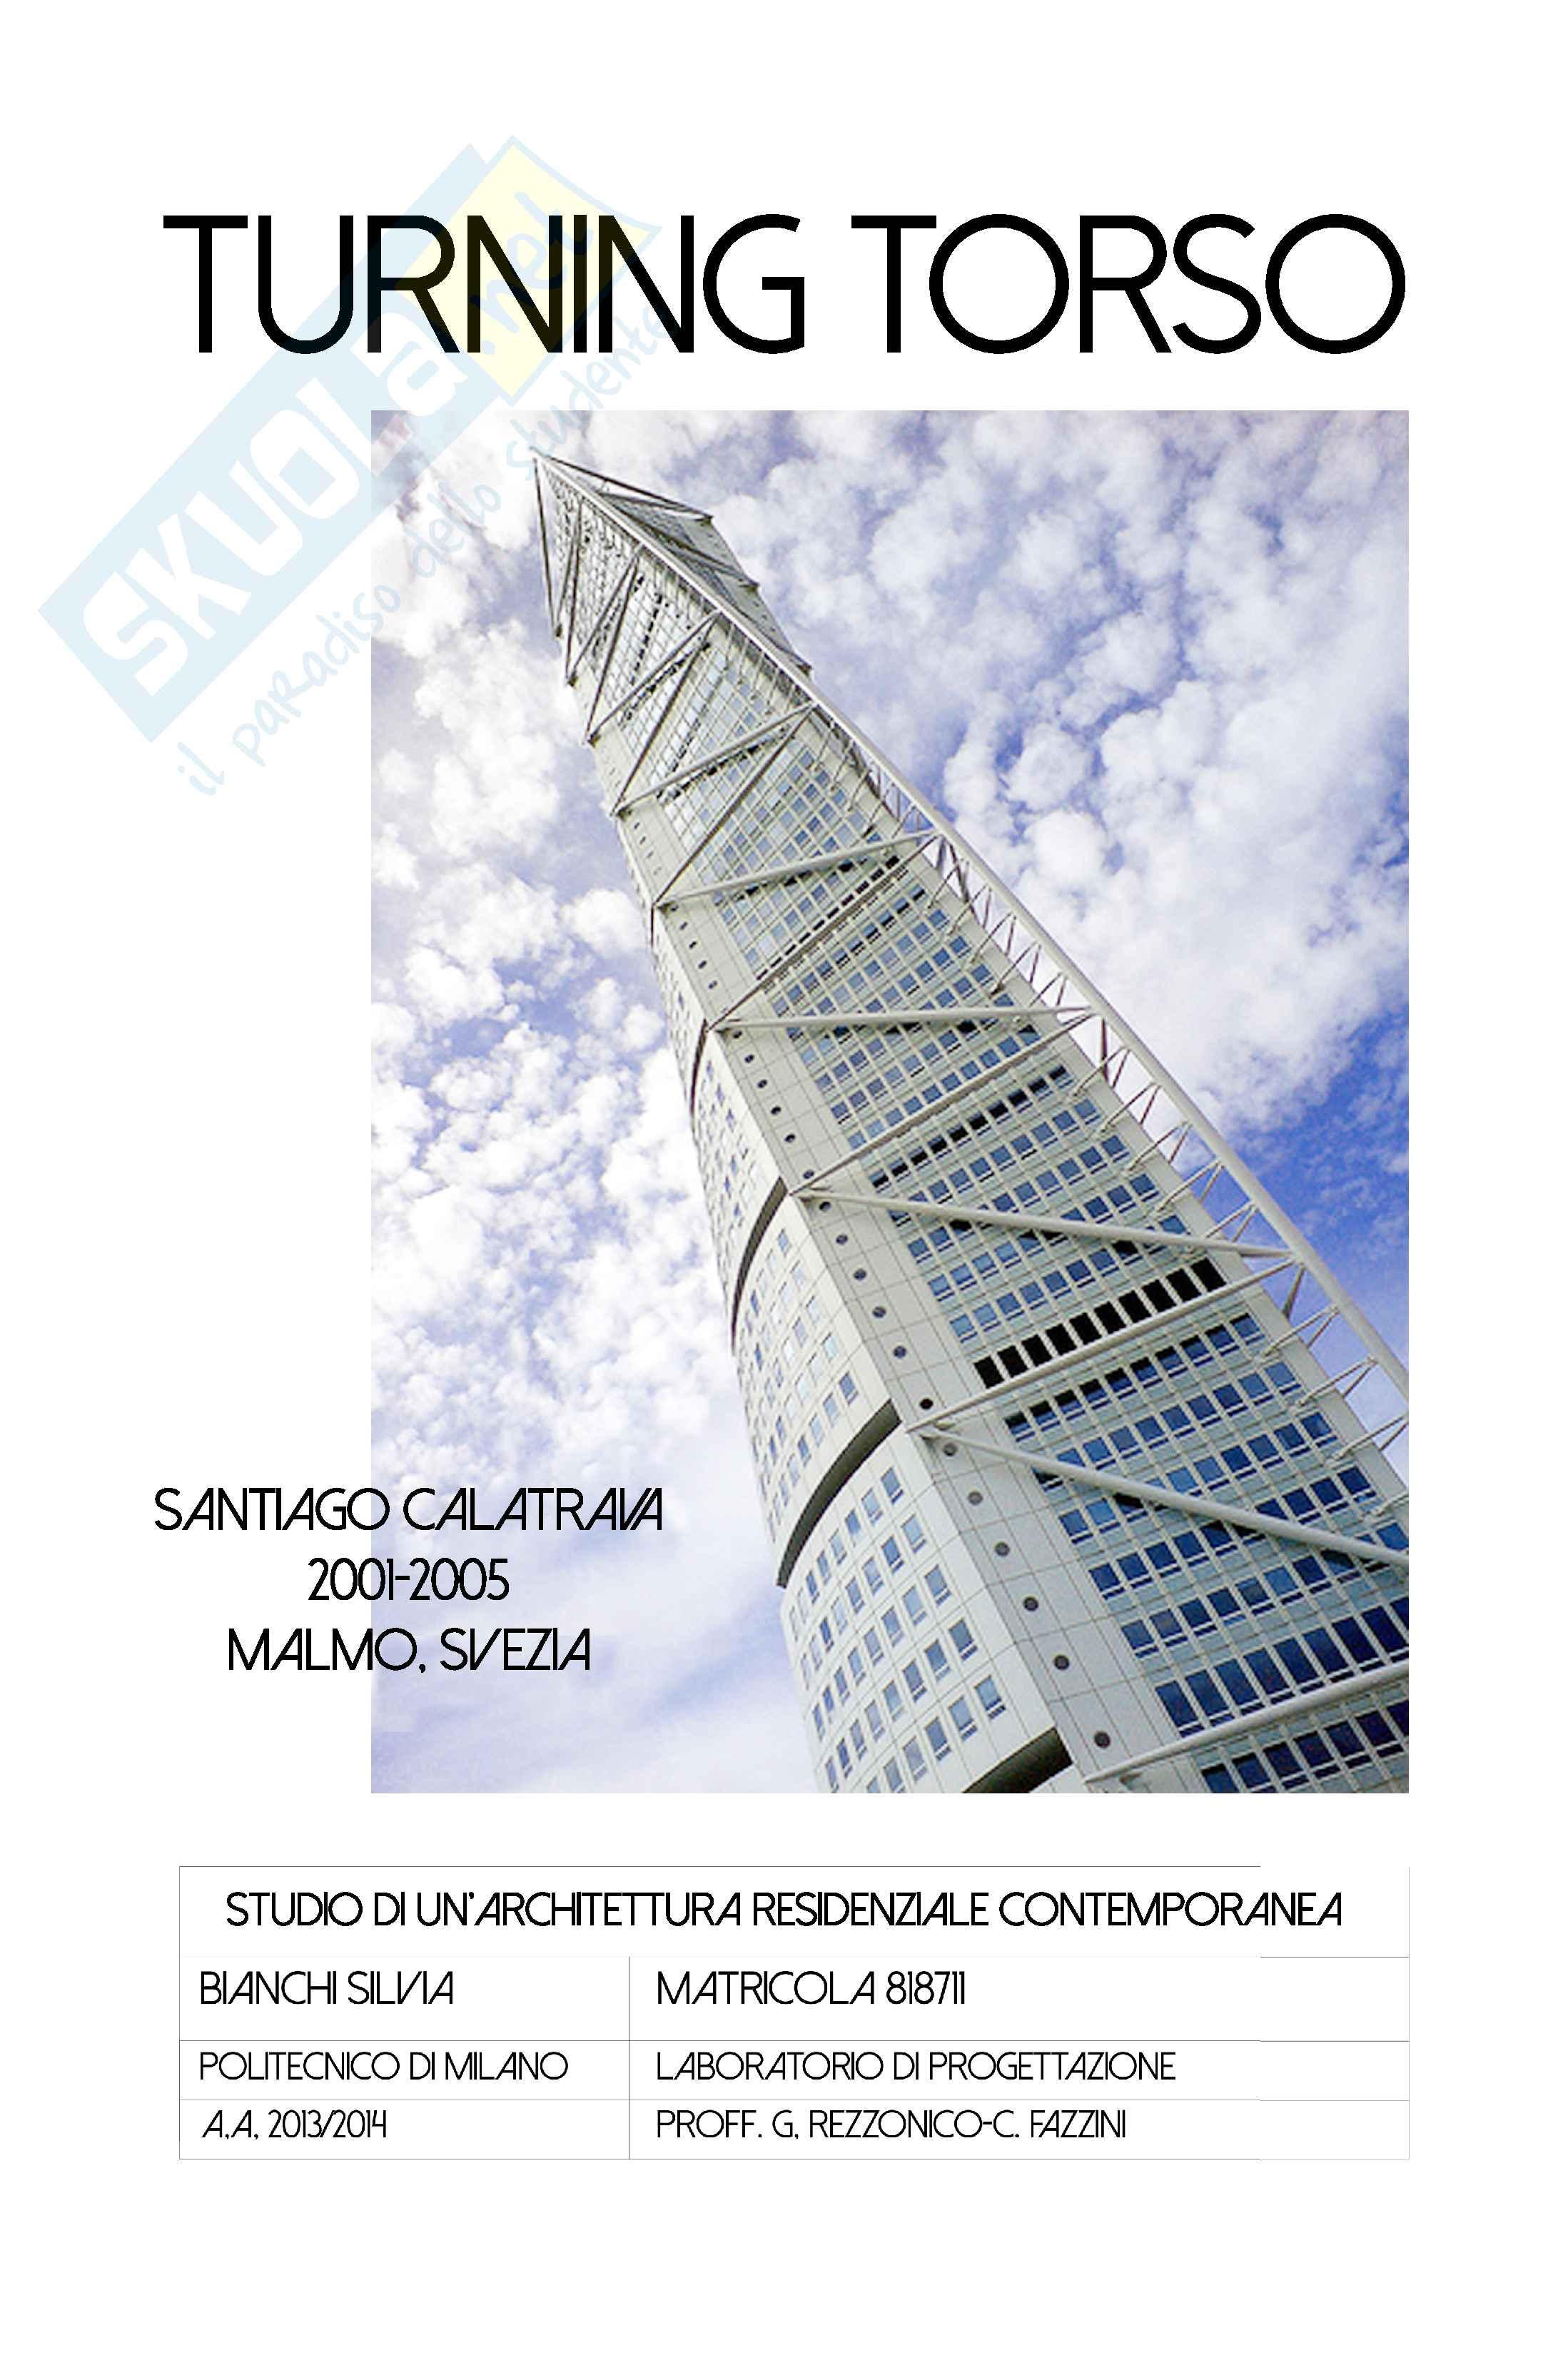 Turning Torso, Calatrava: studio di un'architettura contemporanea